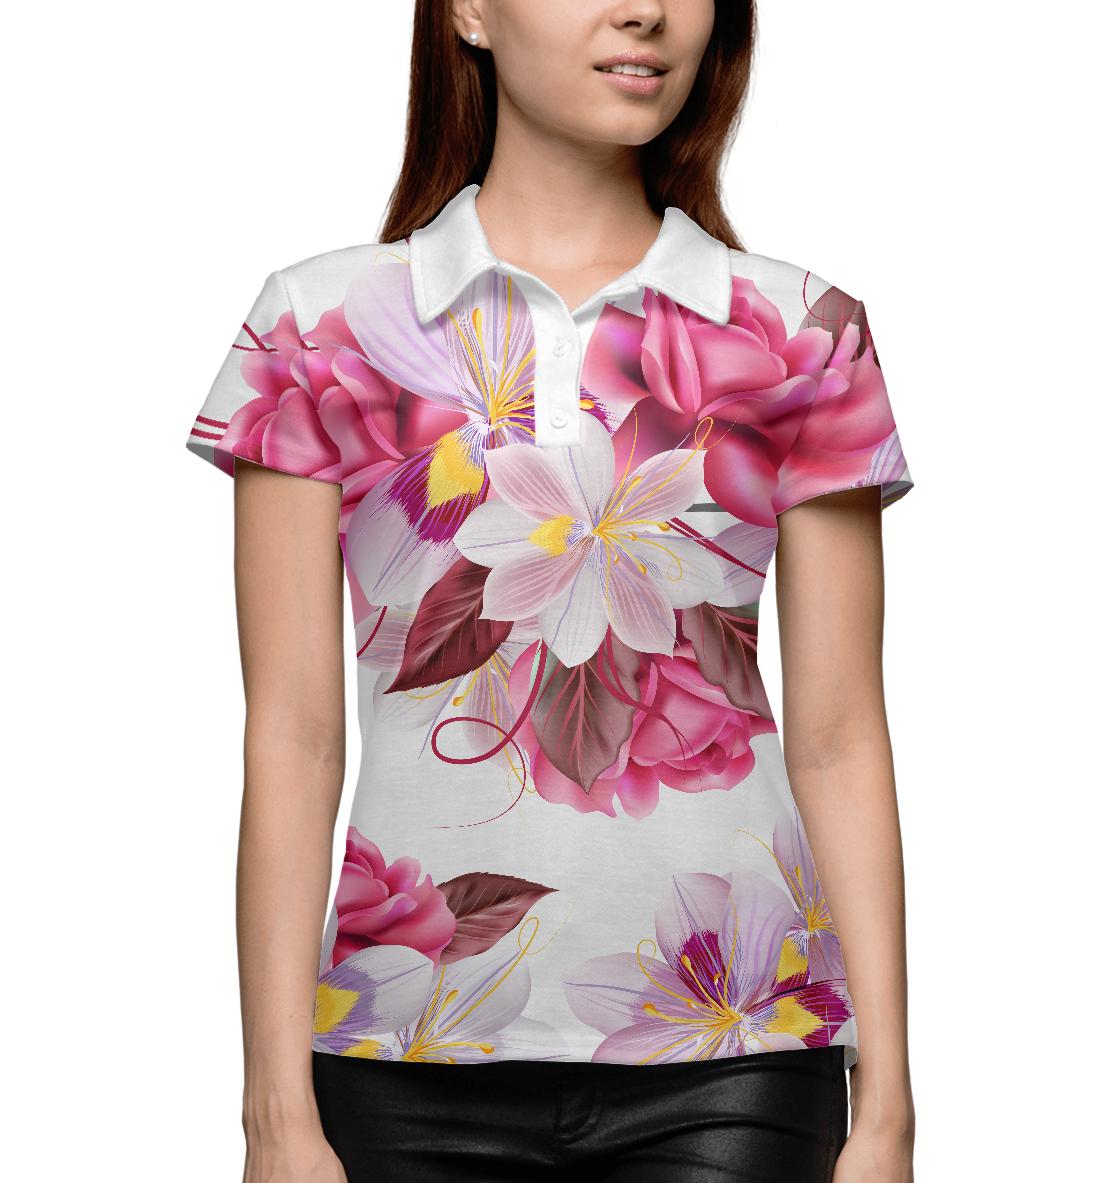 Купить Прекрасные цветы, Printbar, Поло, CVE-210208-pol-1